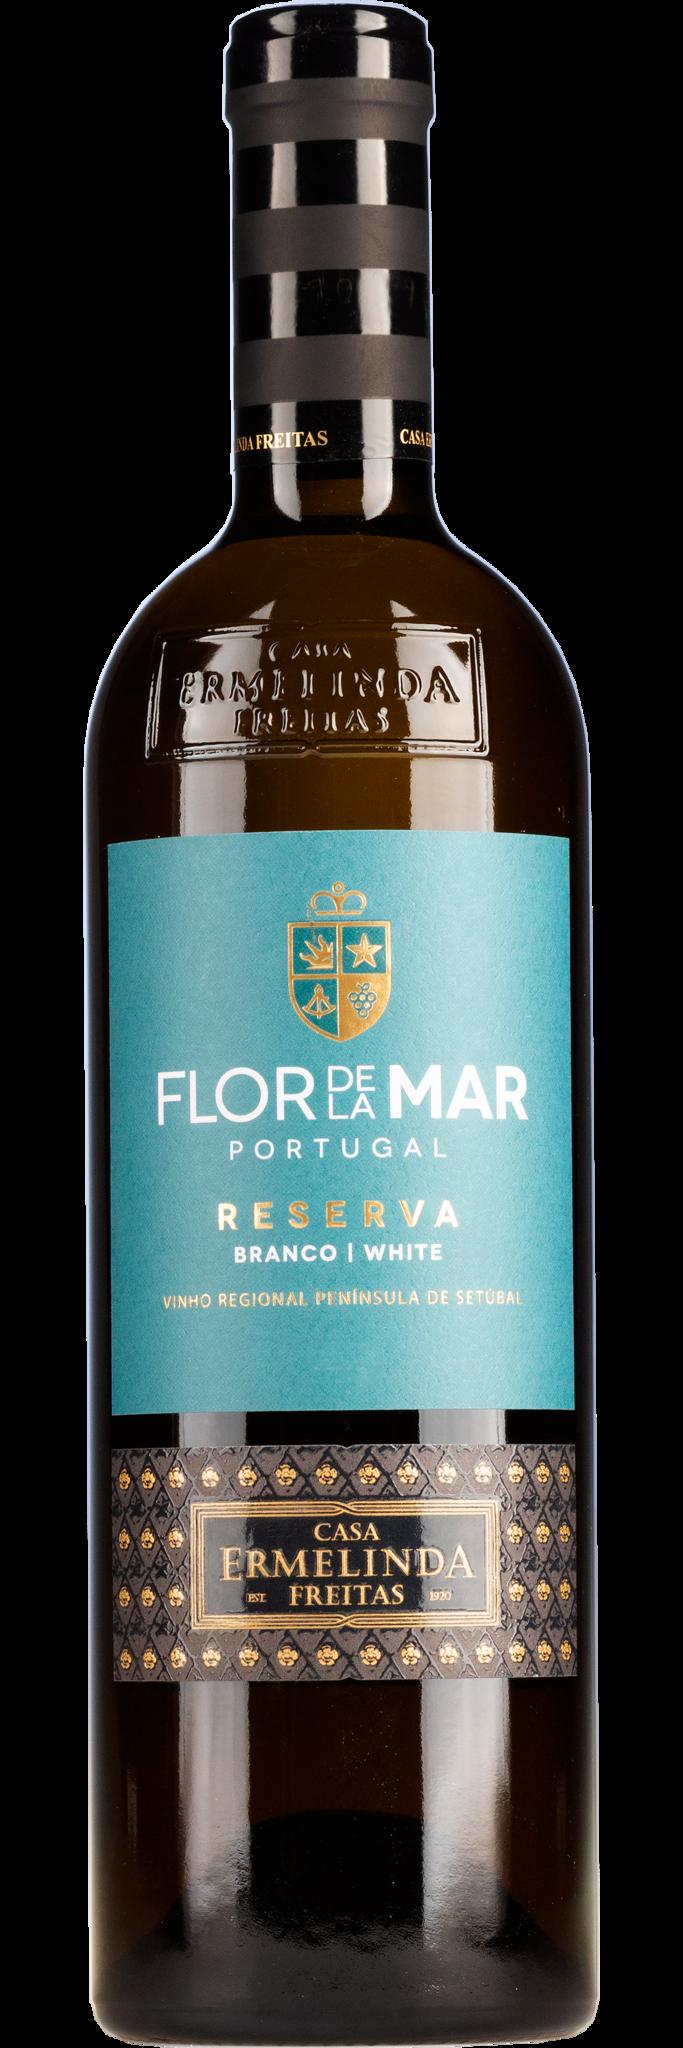 Ermelinda Freitas - Portugal 2019 Flor de Mar Reserva Branco, Ermelida Freitas